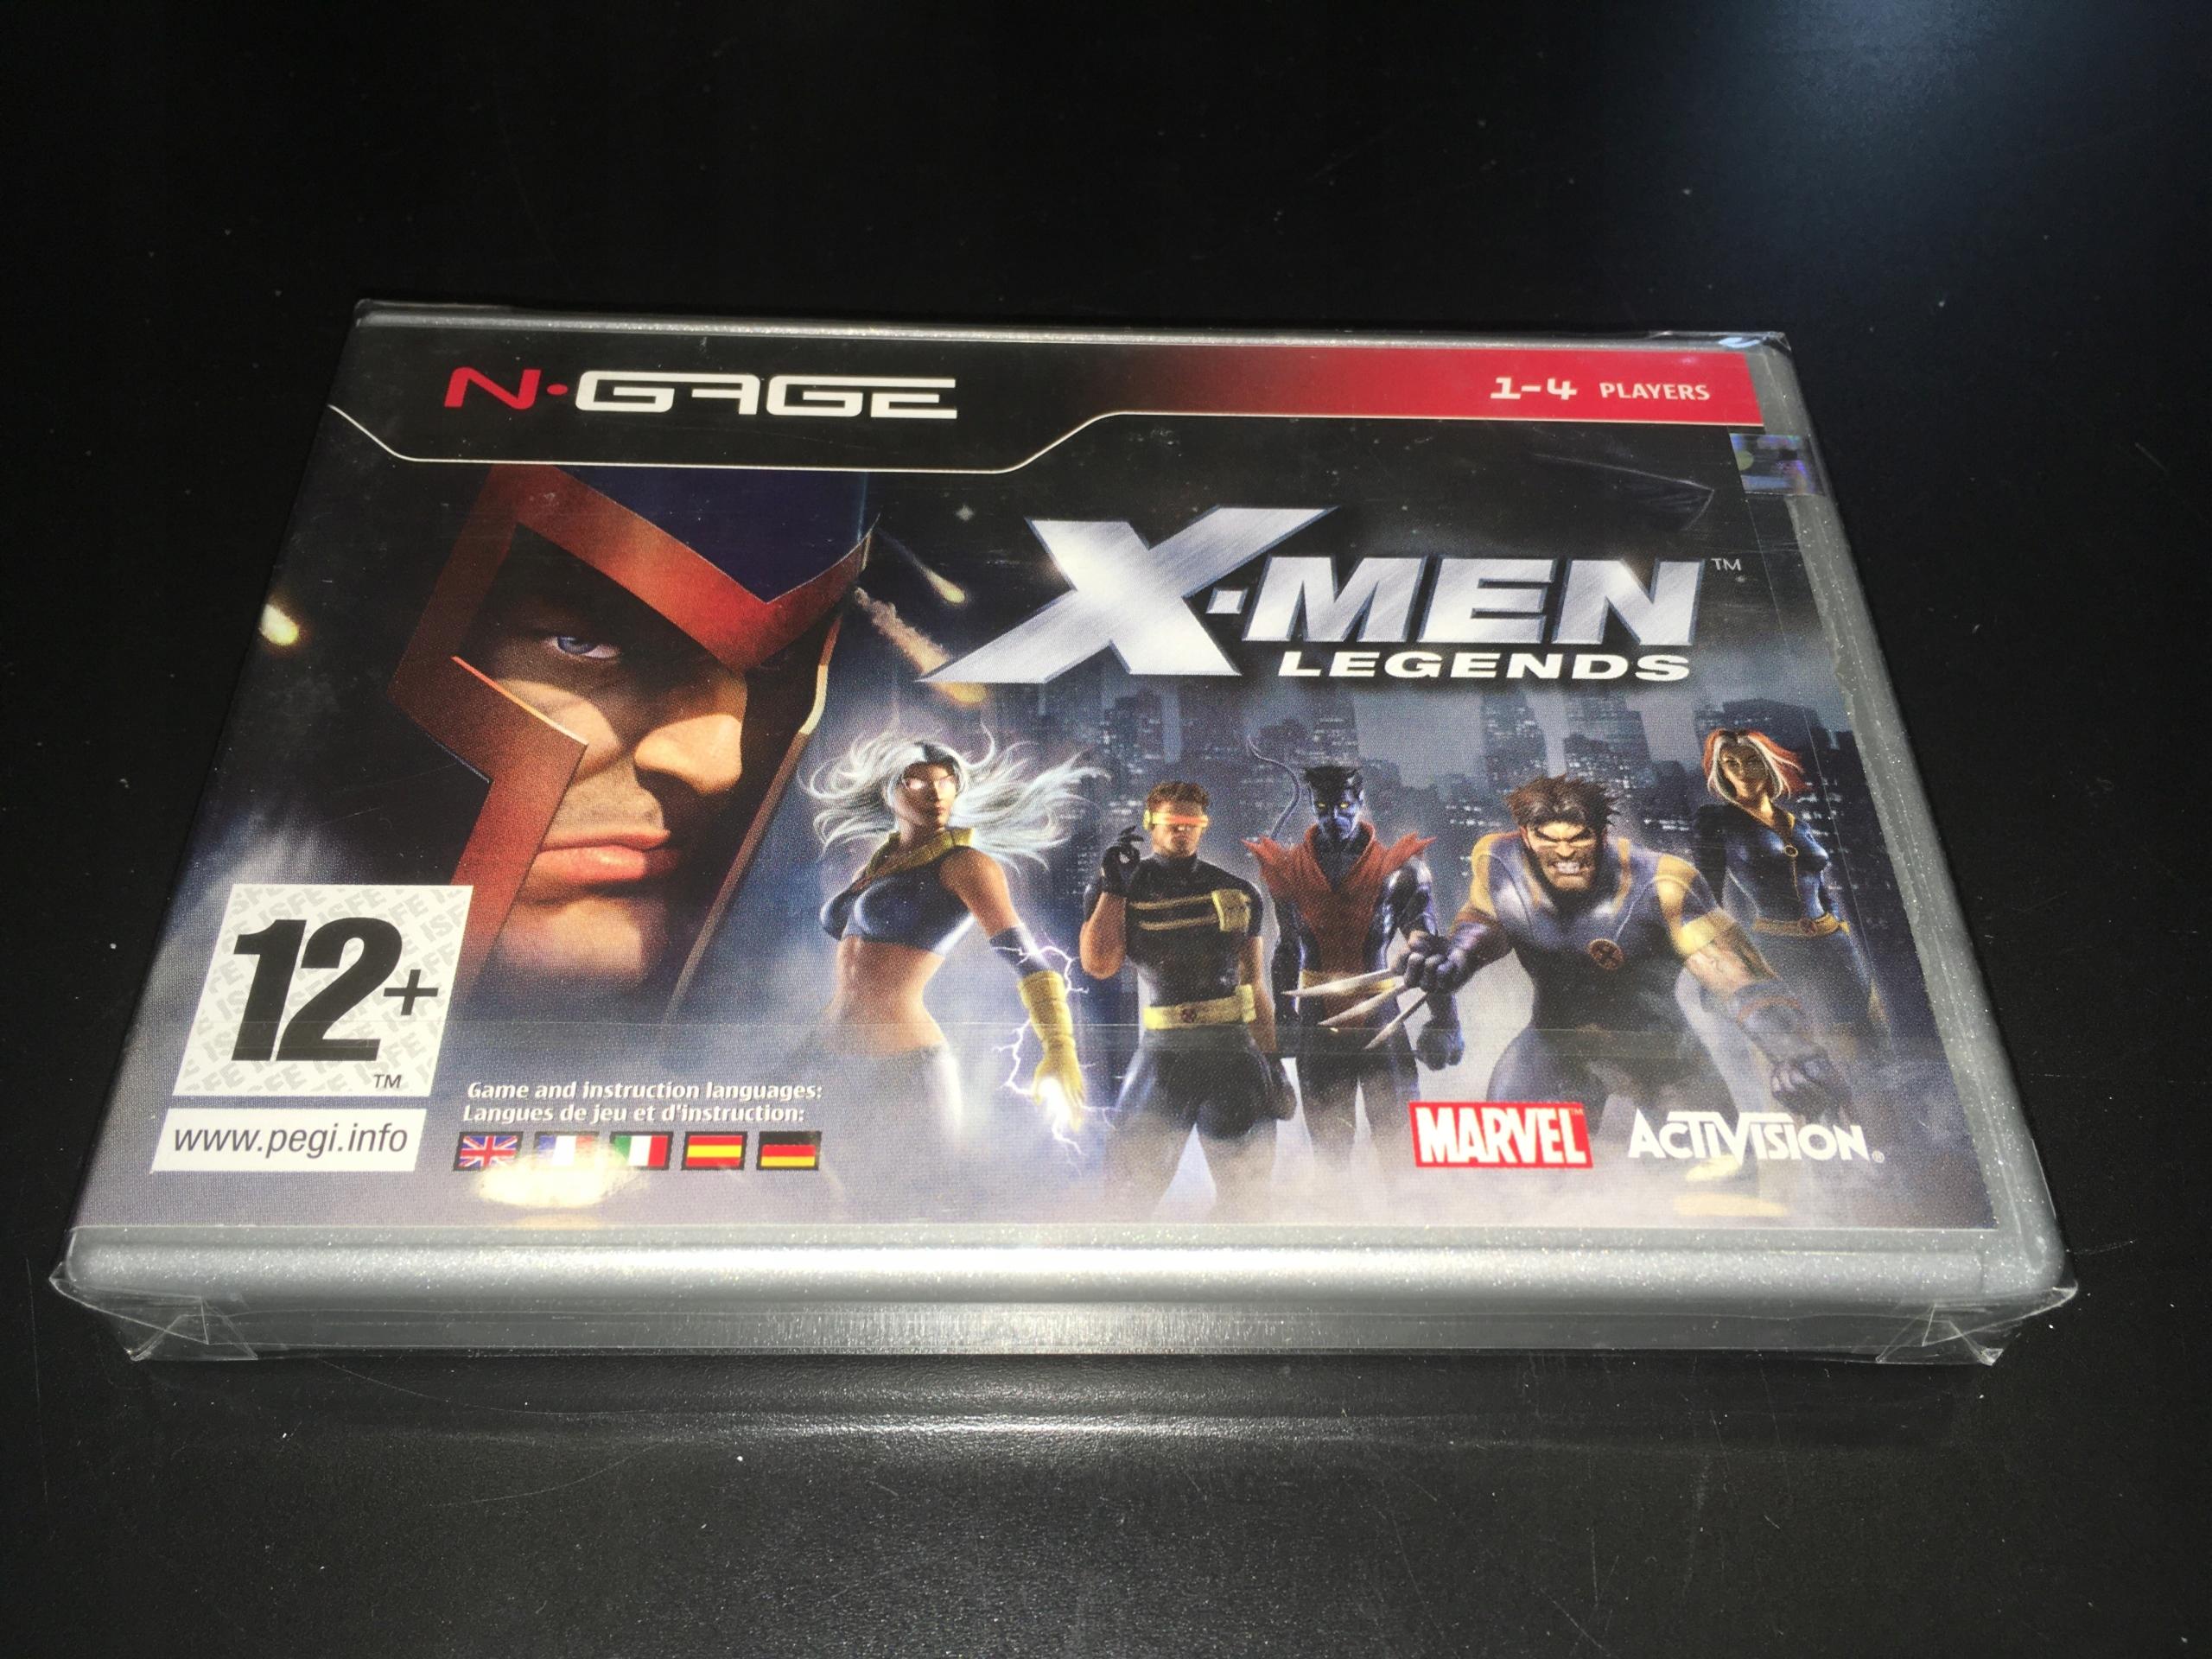 X-Men Legends / Nokia N-Gage